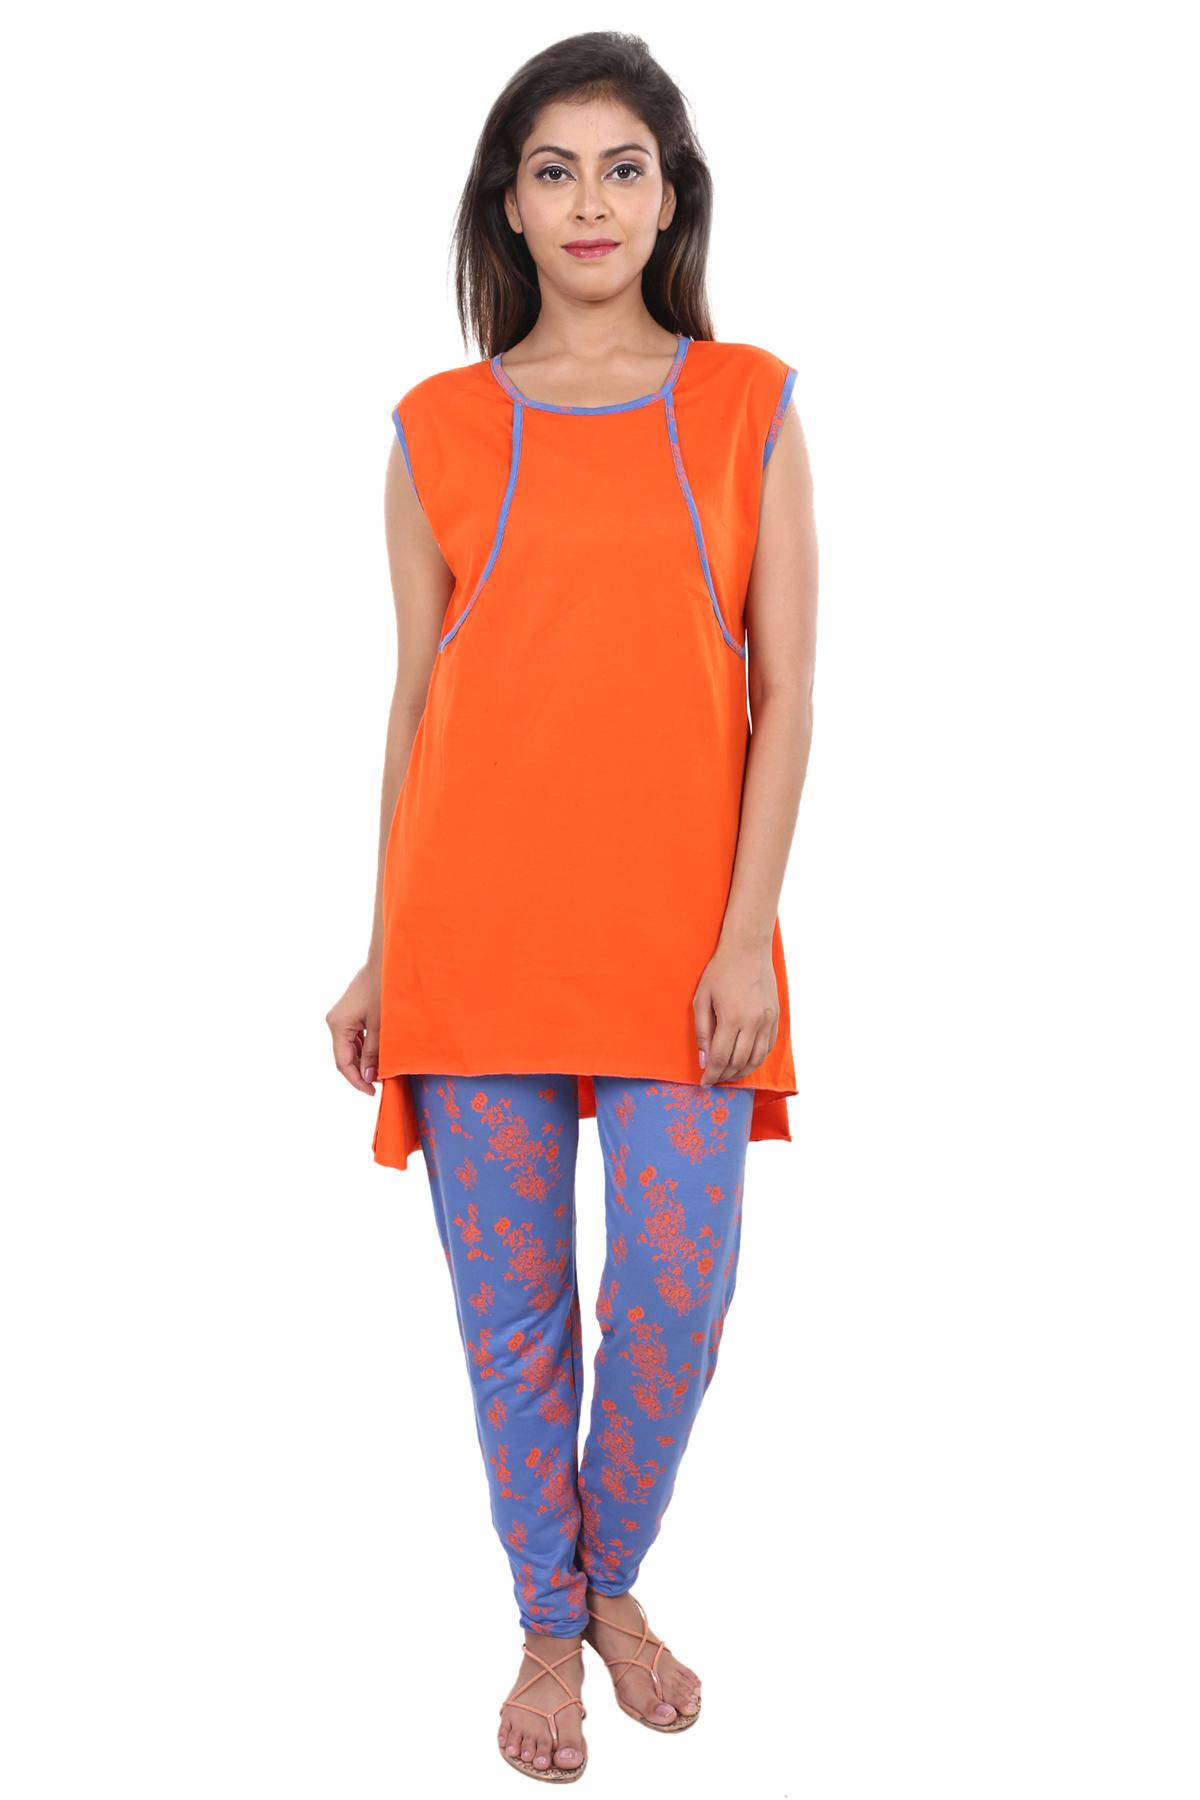 56ddbcb7f1872 9teenAGAIN Women's Viscose Lycra Nursing Nightsuit Set (Orange ...